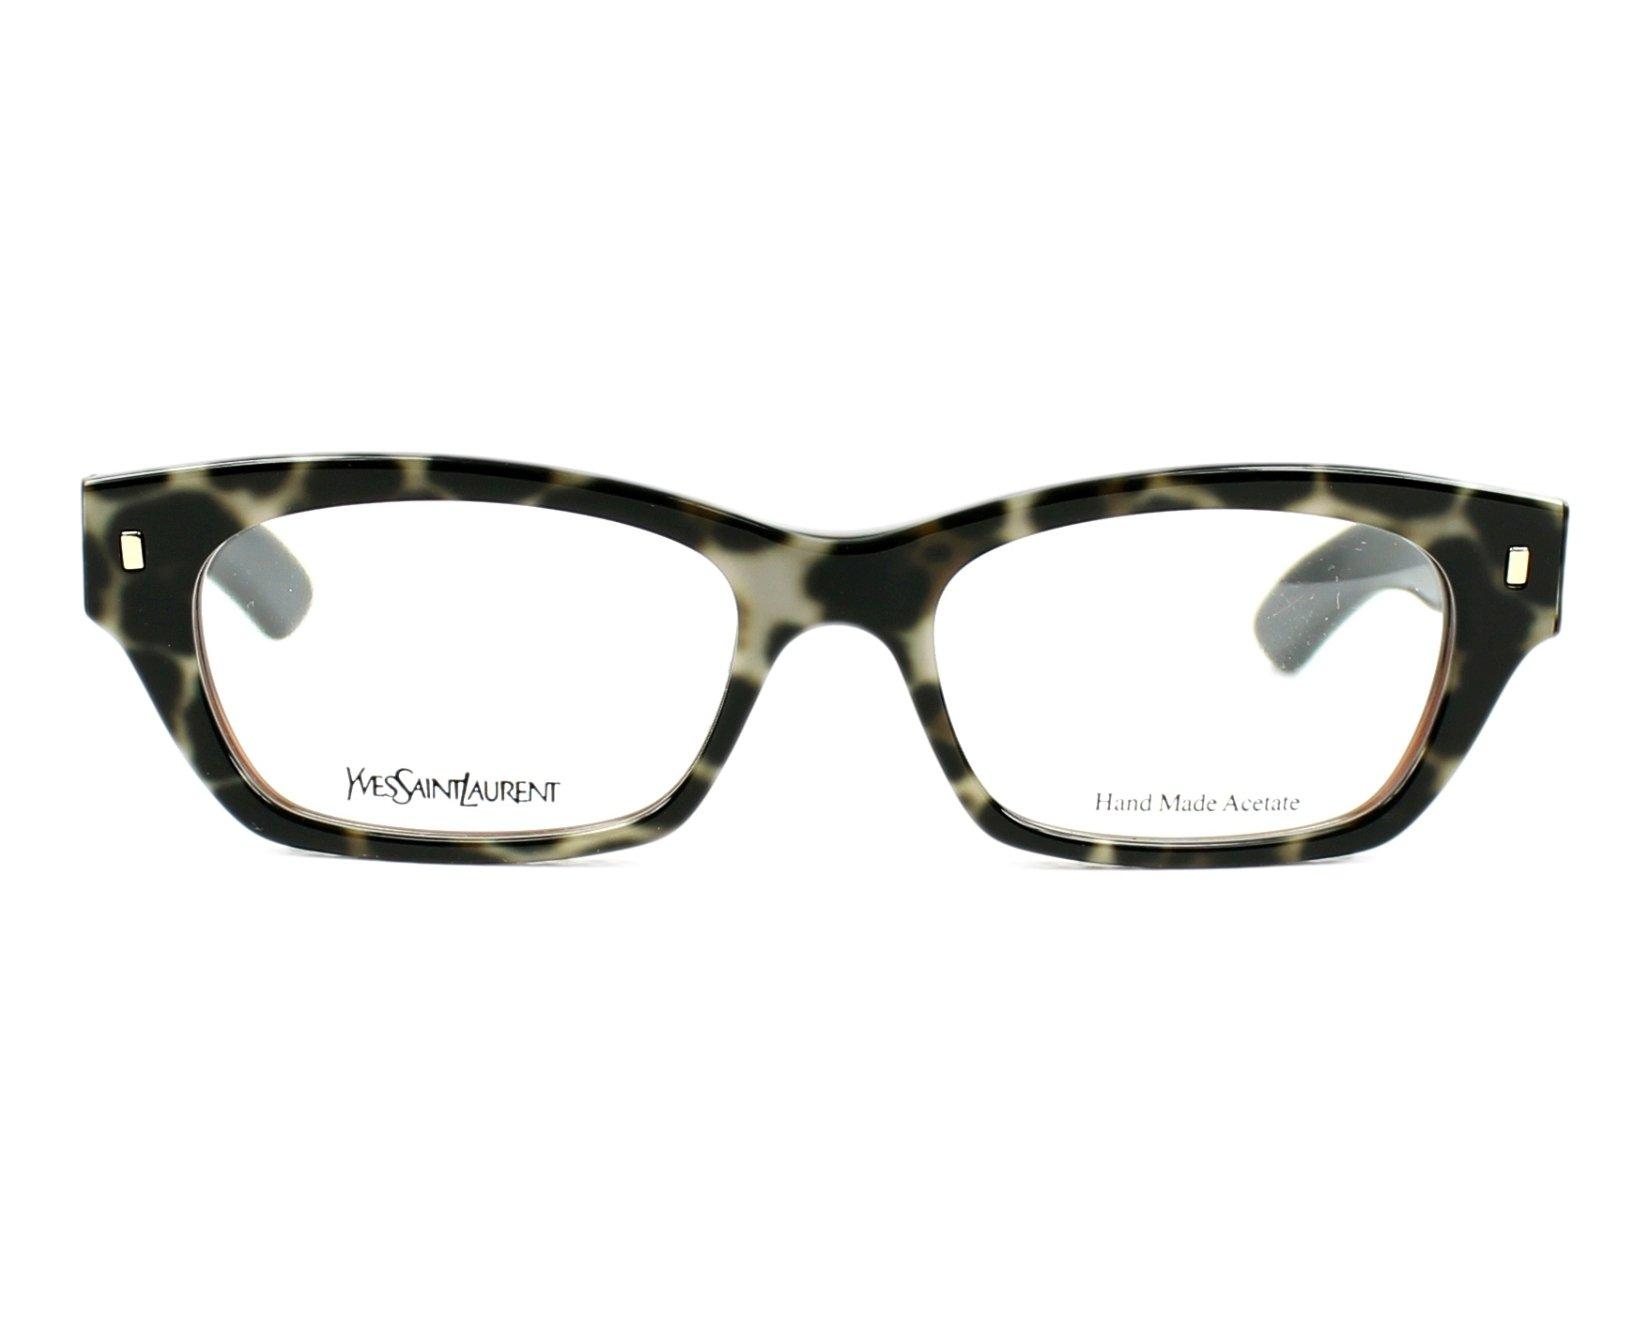 Yves saint laurent eyeglasses ysl 6333 mom black visionet for Miroir yves saint laurent